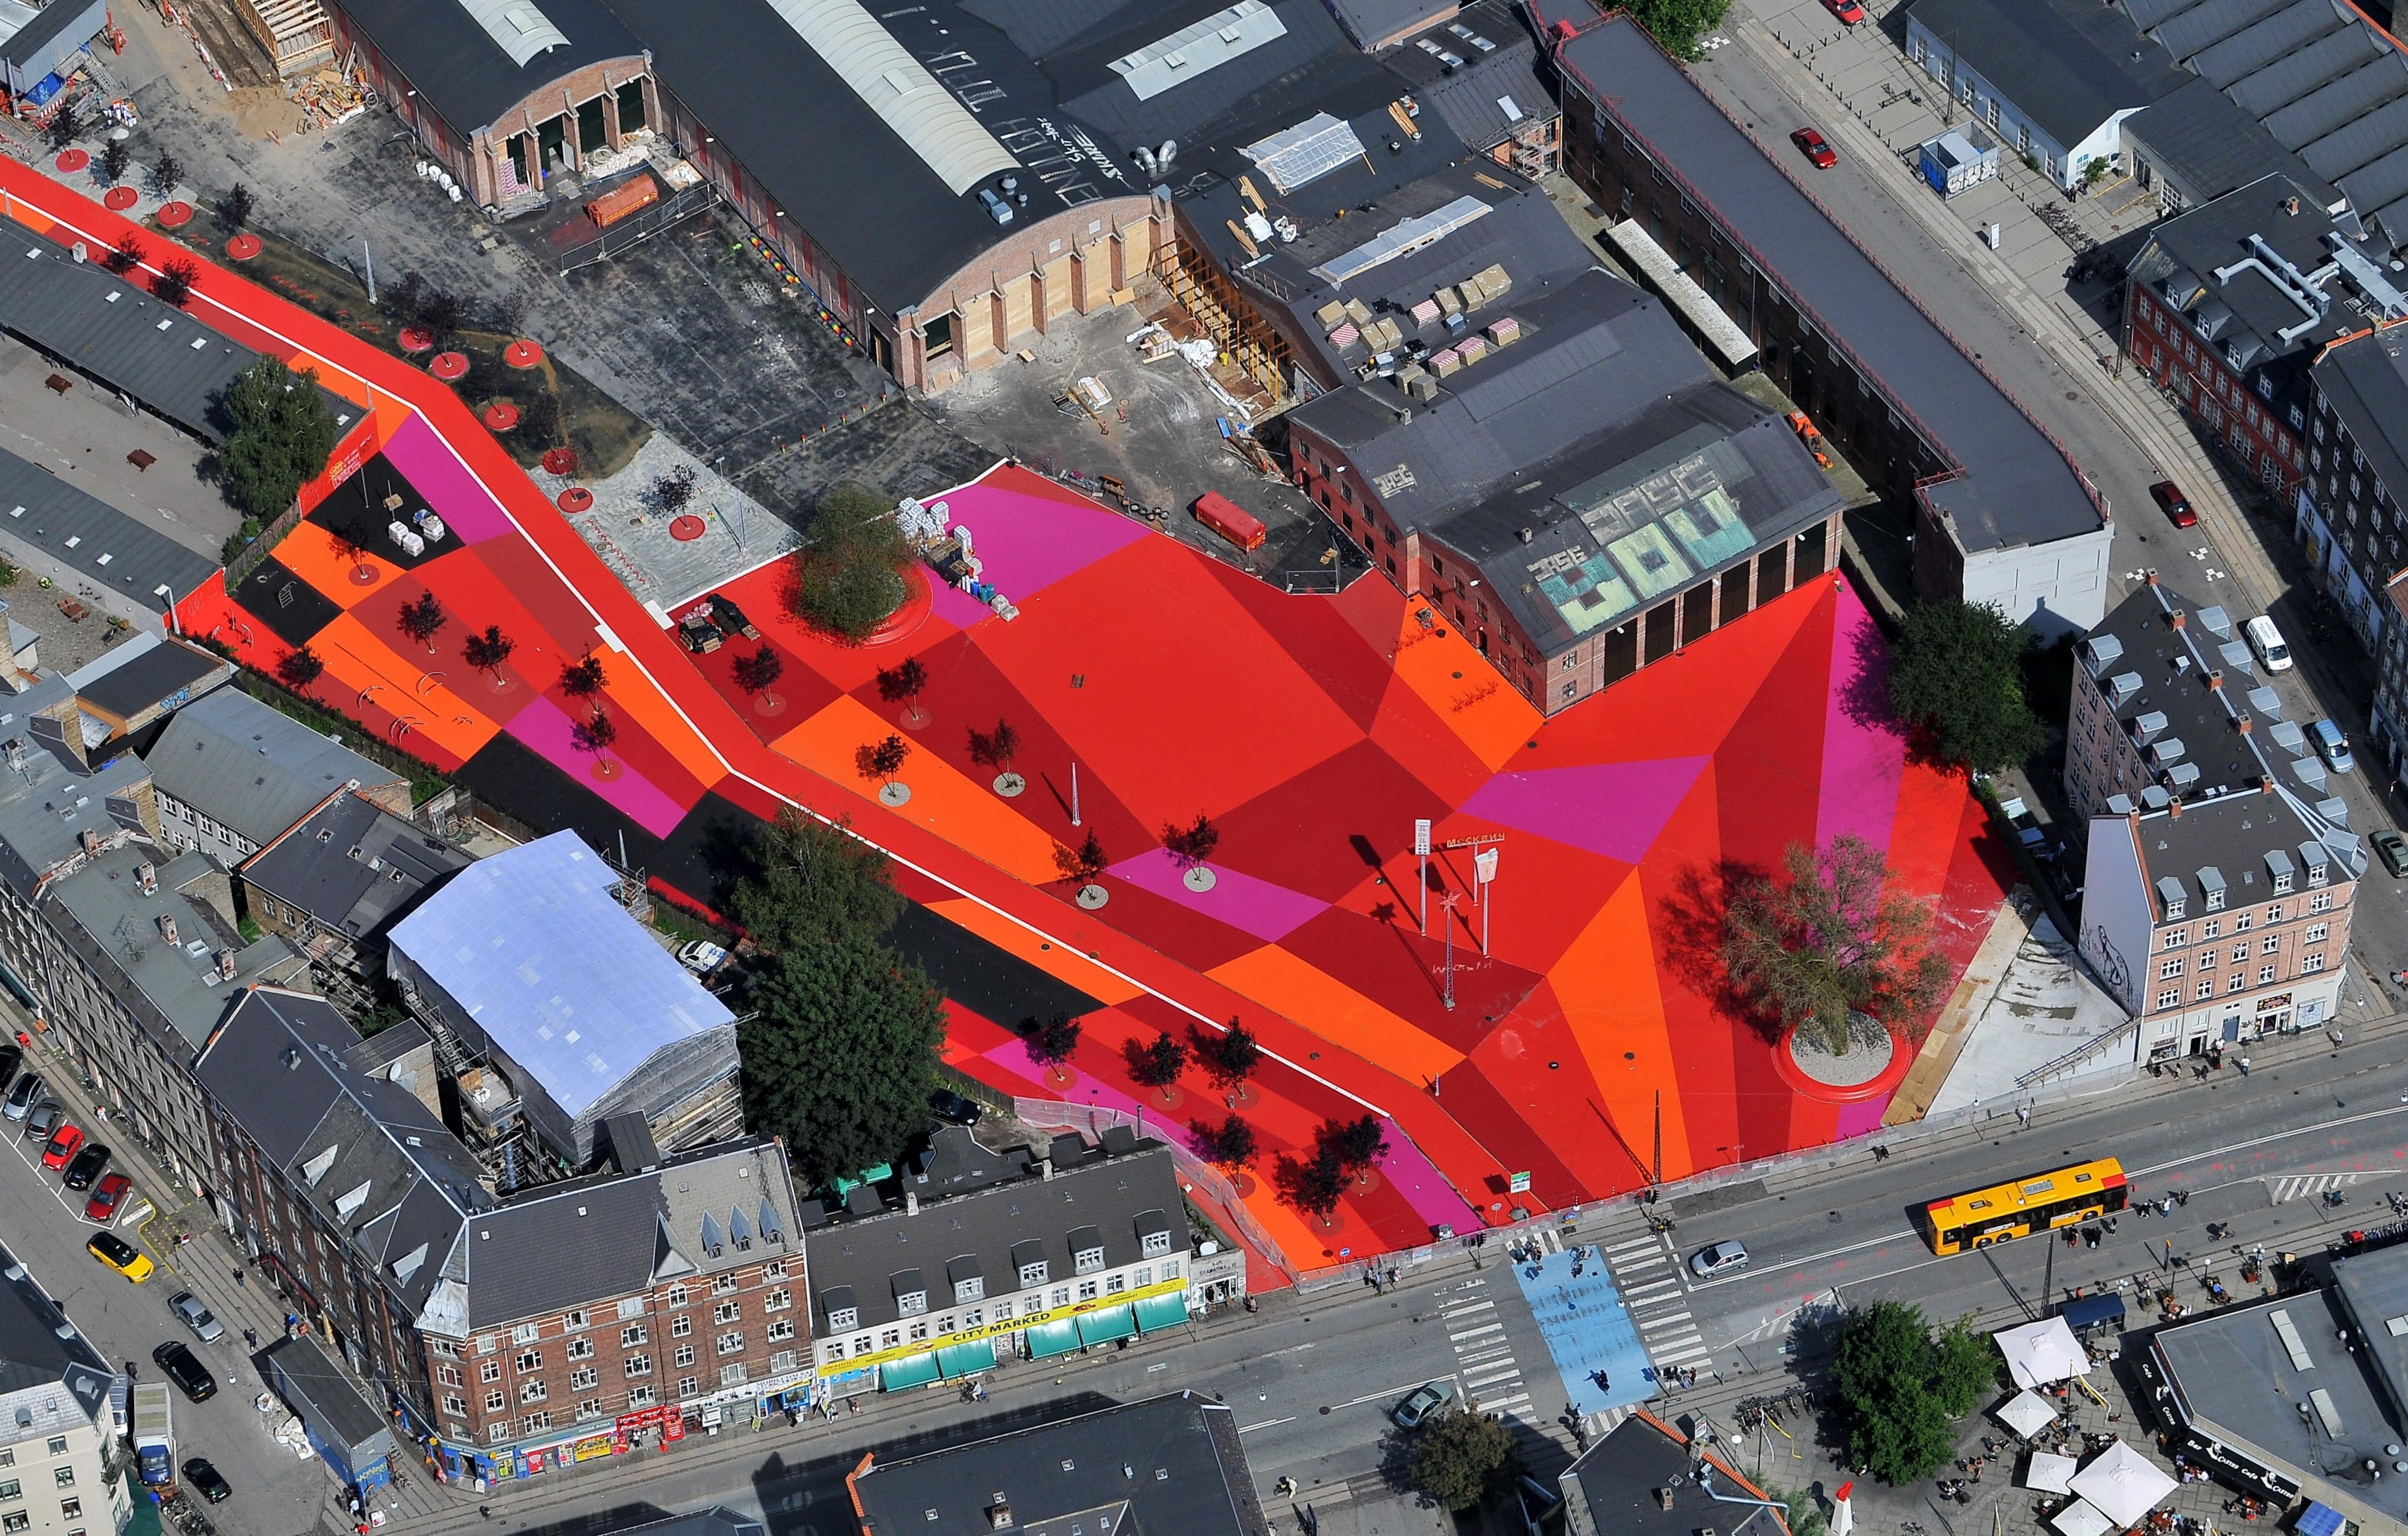 4305a26acc92 Superkilen åbner  En verdensudstilling på Nørrebro